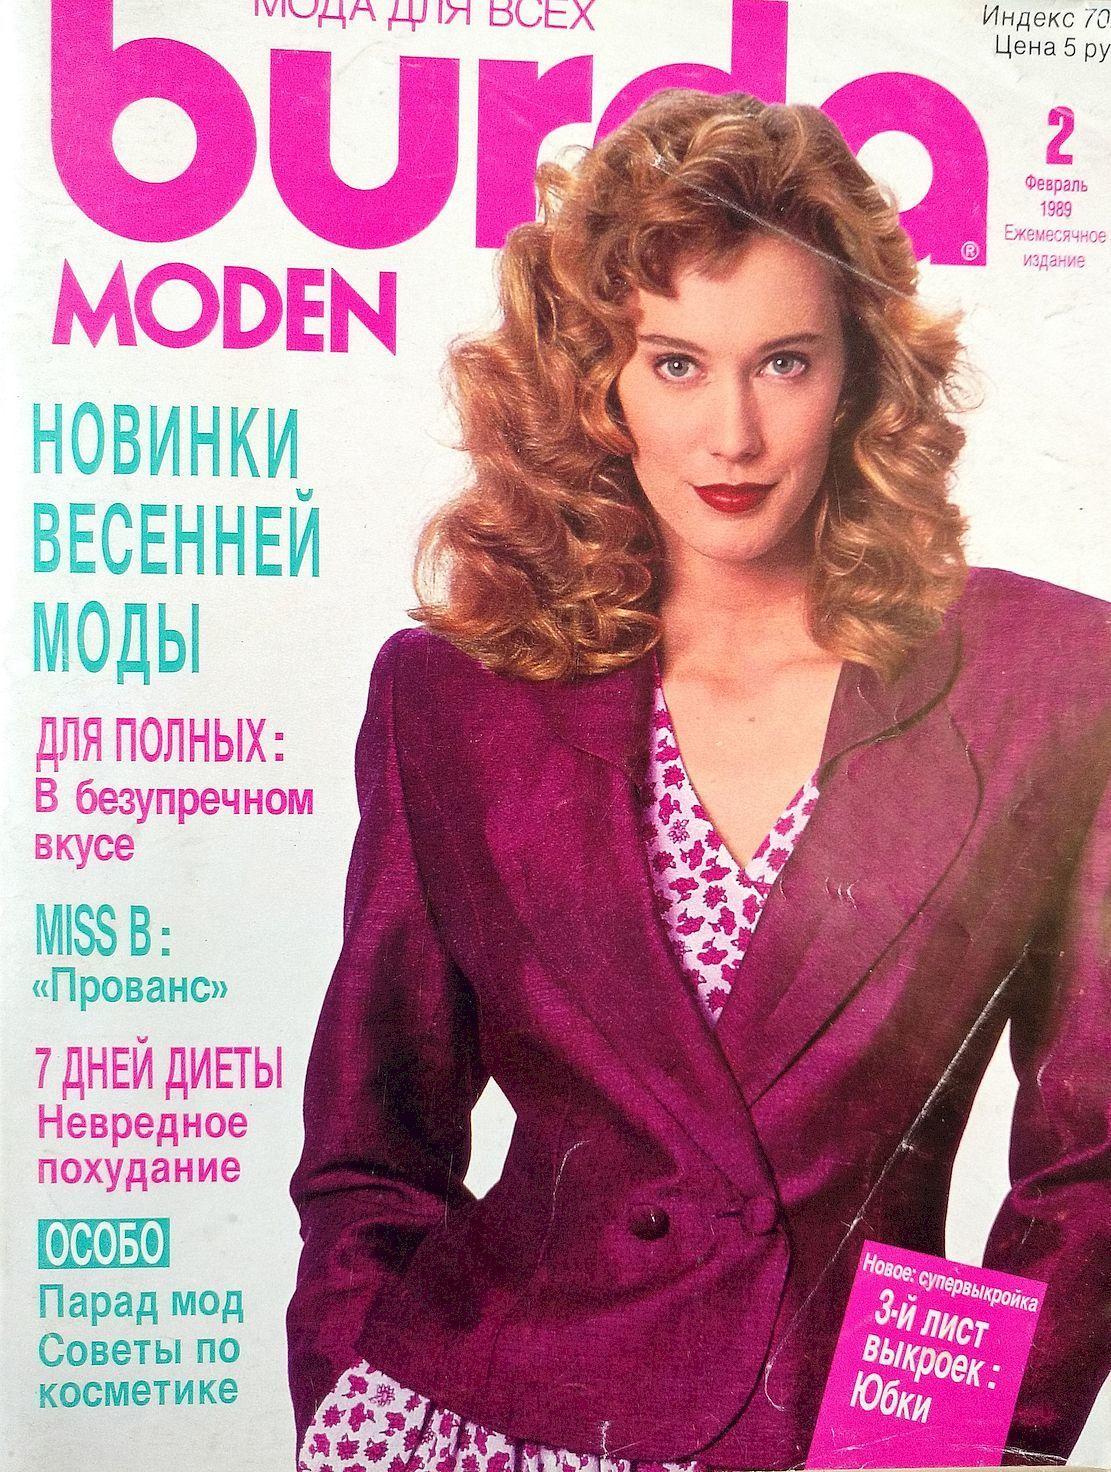 Журнал Burda Moden № 2/1989, Выкройки для шитья, Москва,  Фото №1